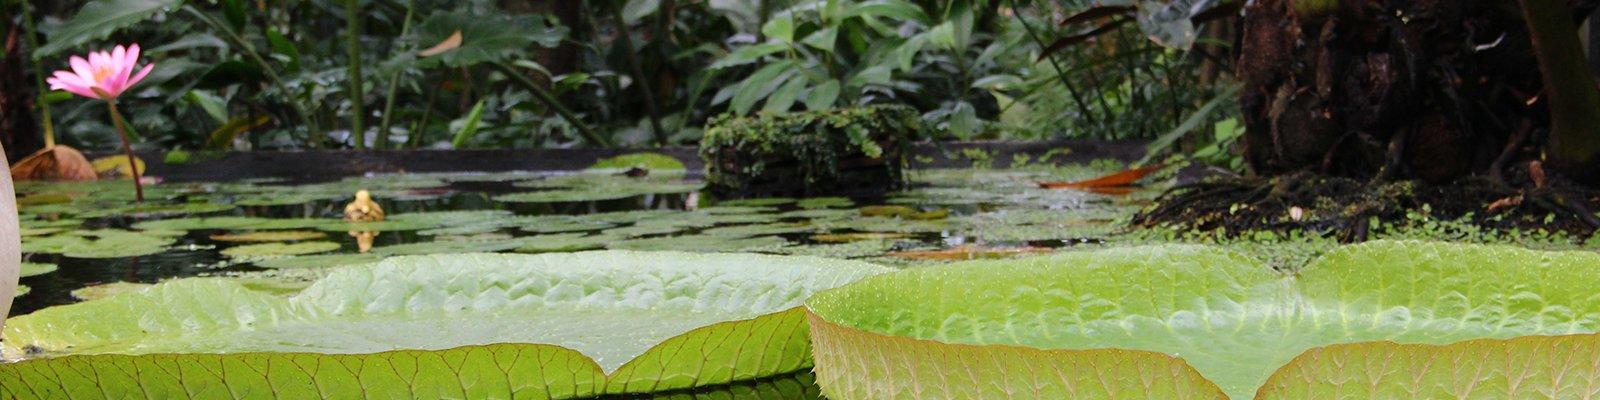 Reuzenwaterlelie in de Tropische kas